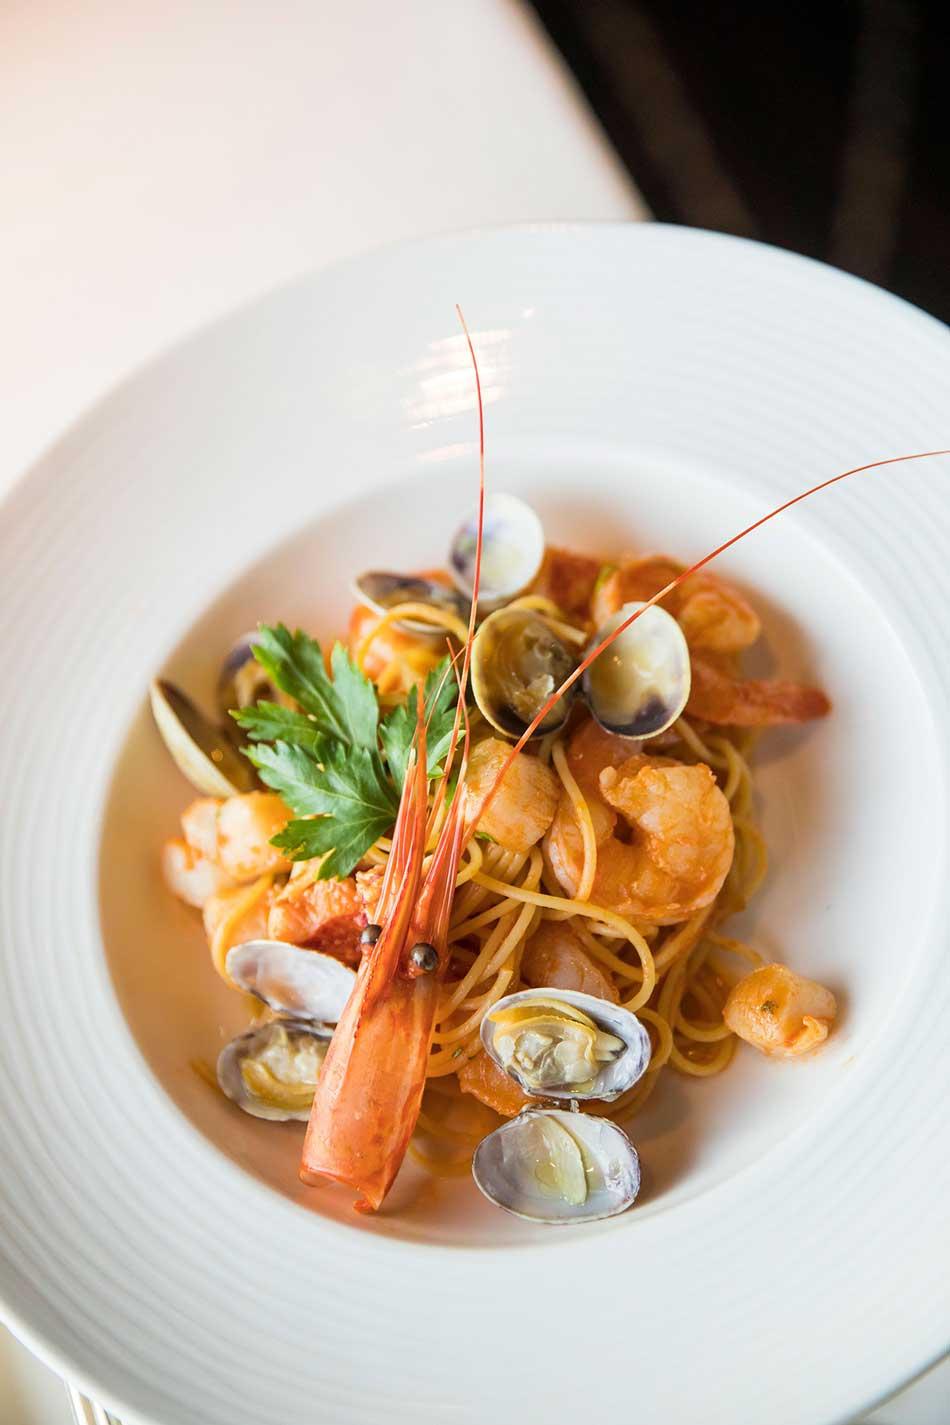 Crystal Cruises 5 star cuisine